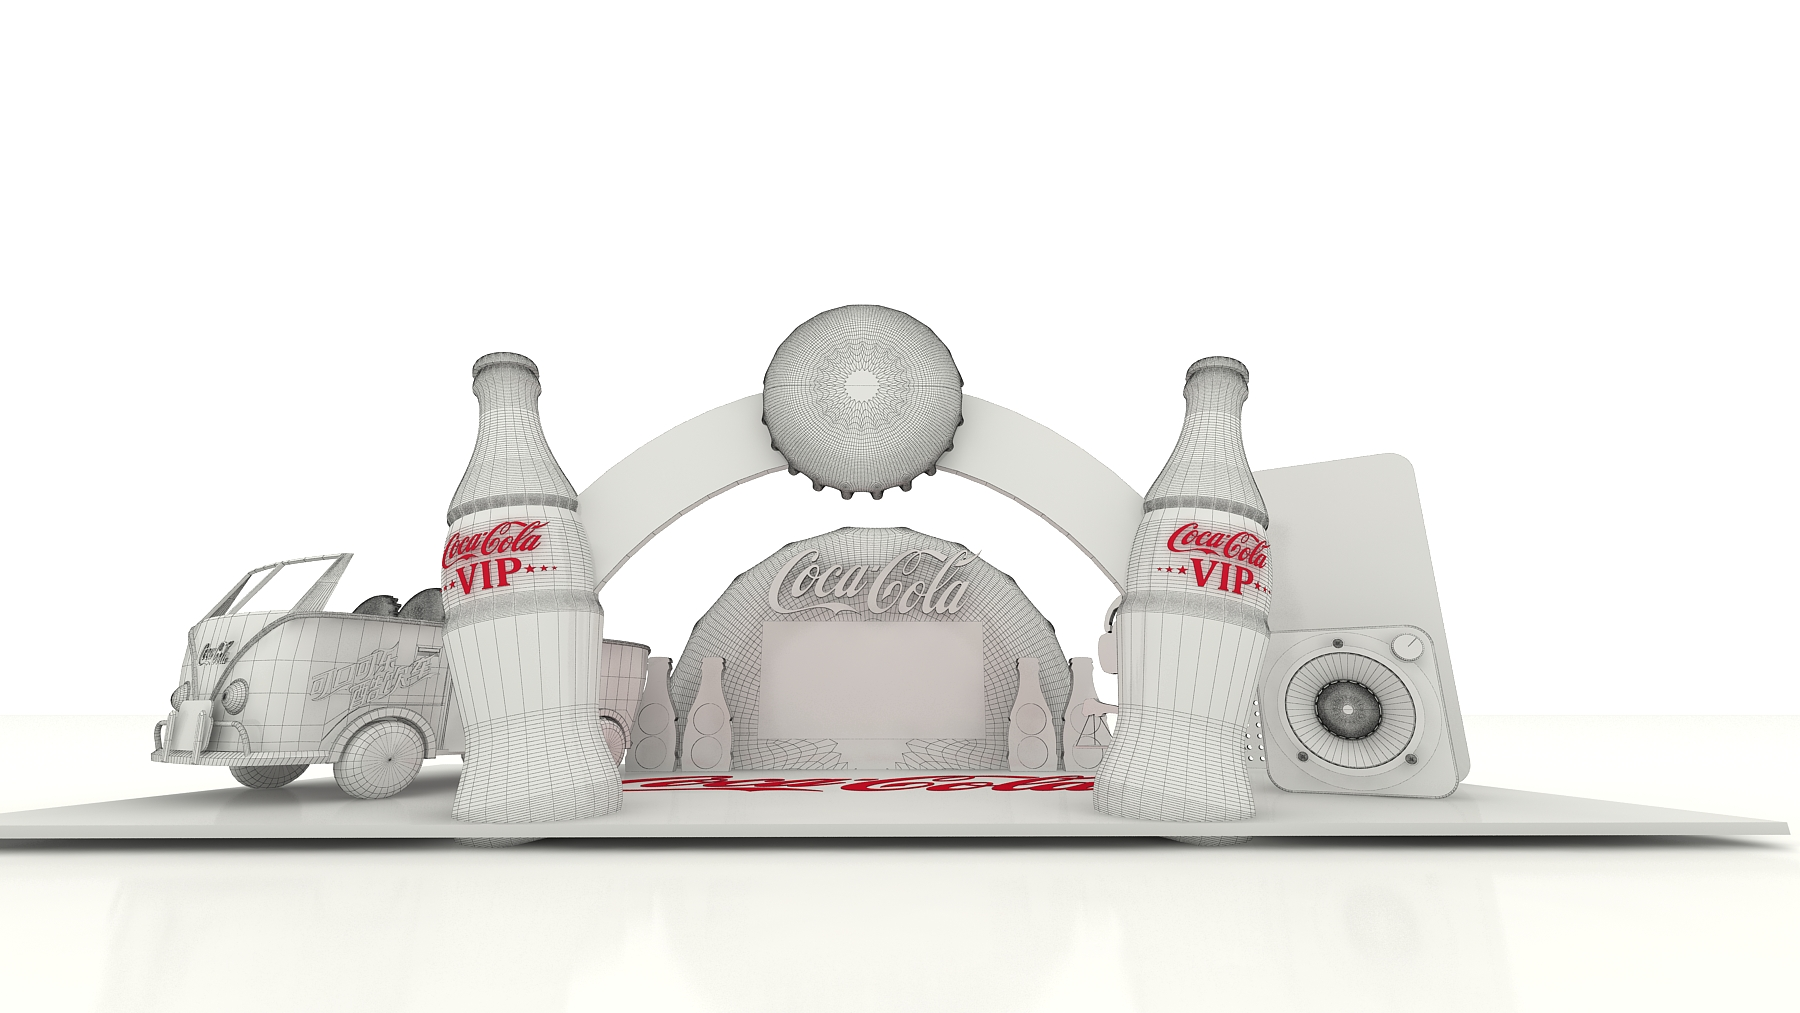 可口可乐体验站|空间|展示设计 |lchow - 原创作品图片